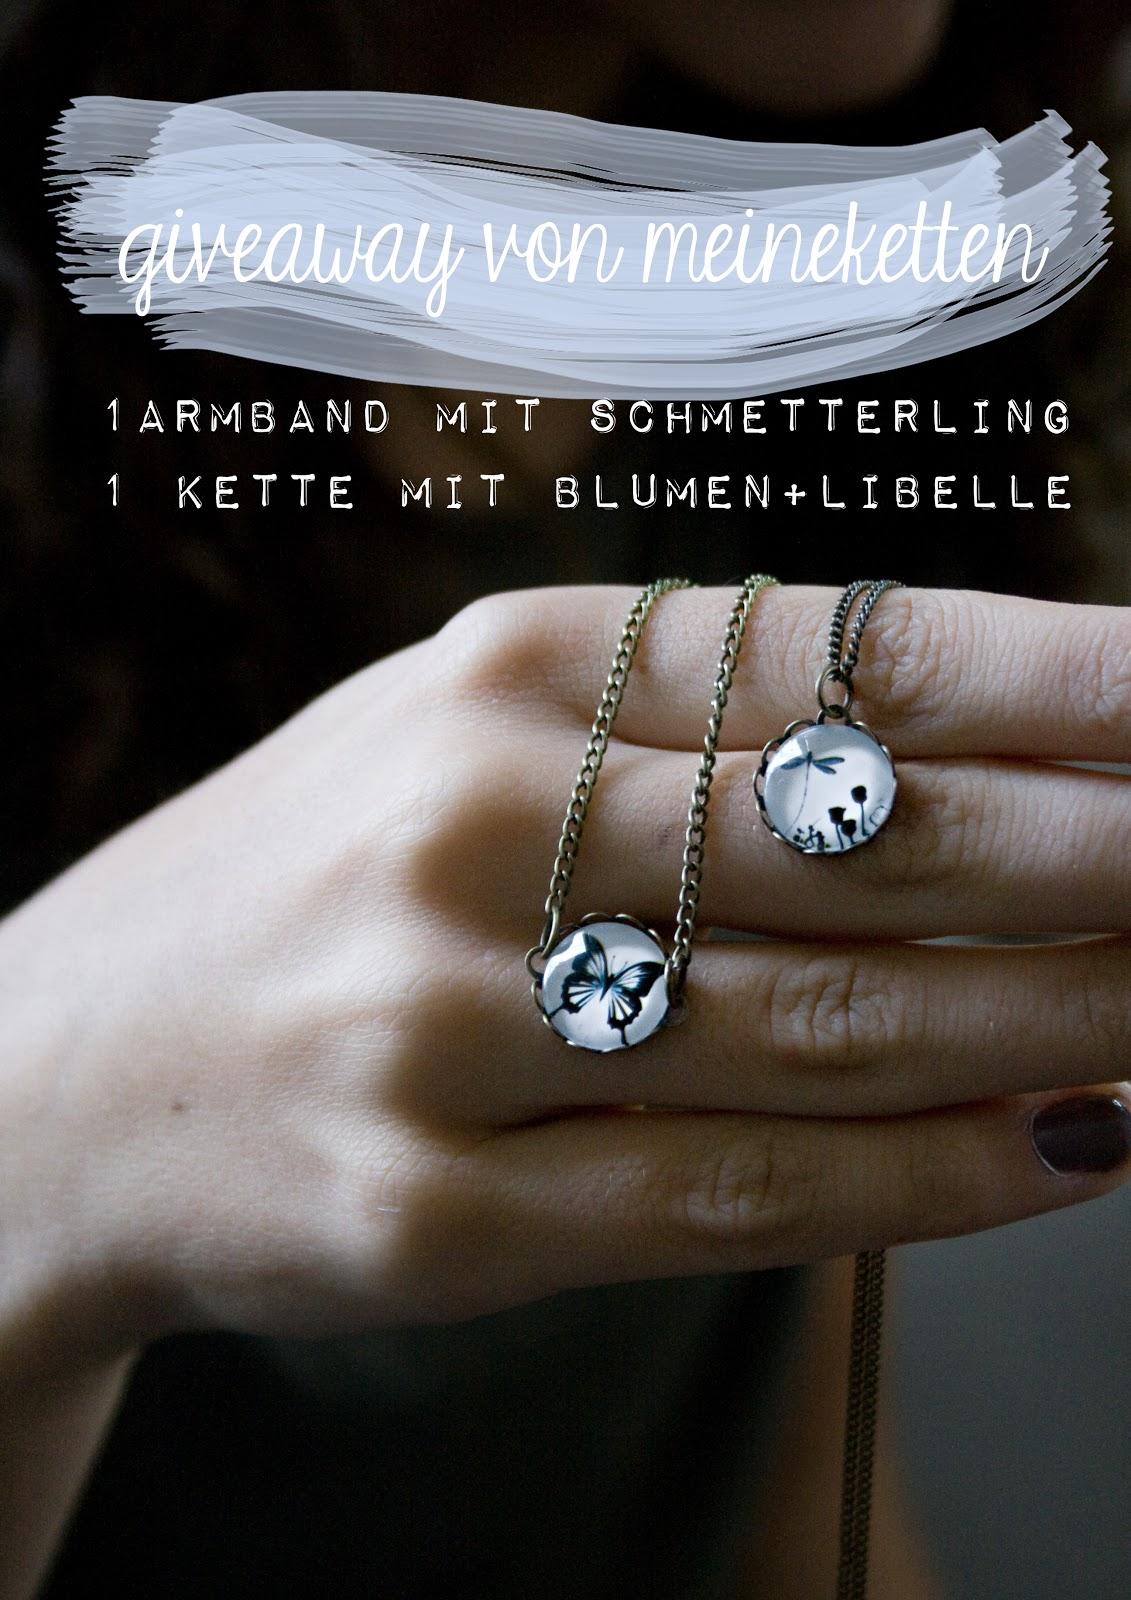 Giveaway meineketten